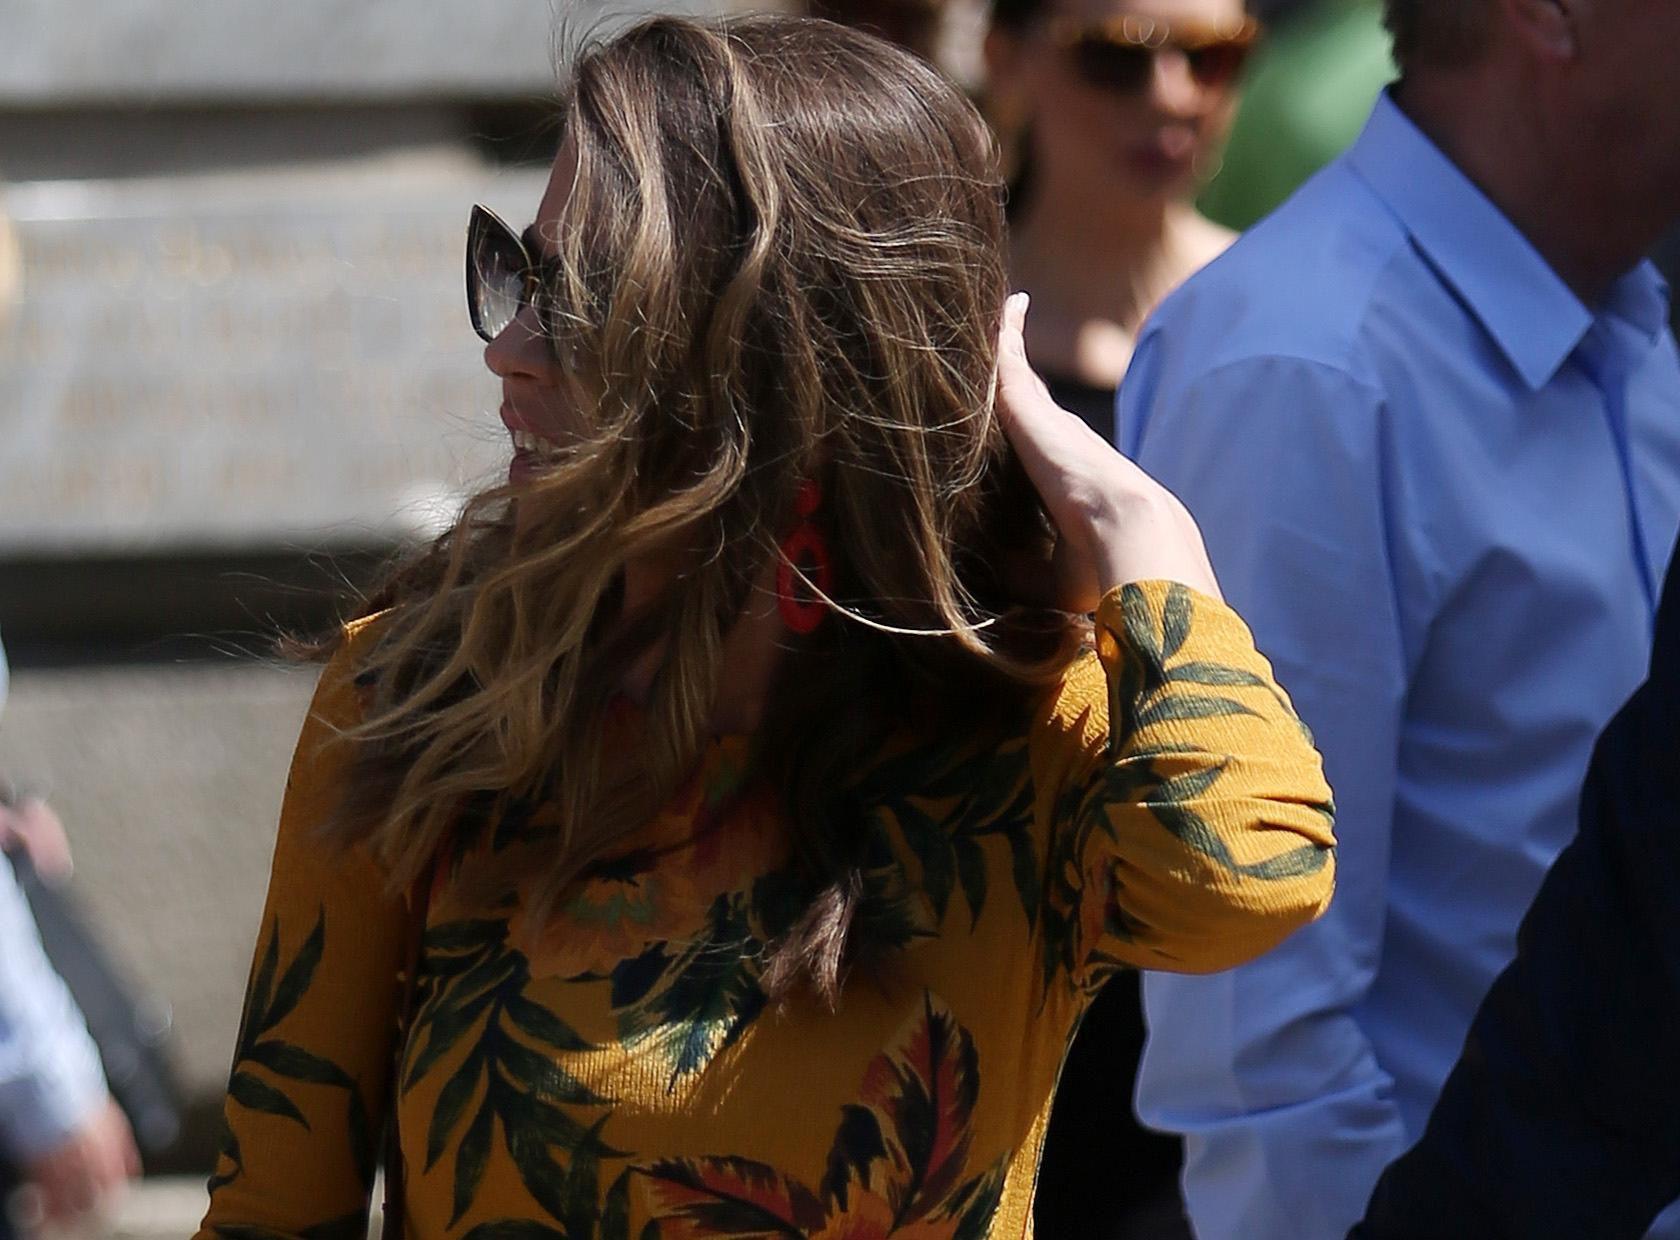 Bujna kosa, cvjetna haljina i odlična linija: Brineta ukrala sve poglede na špici